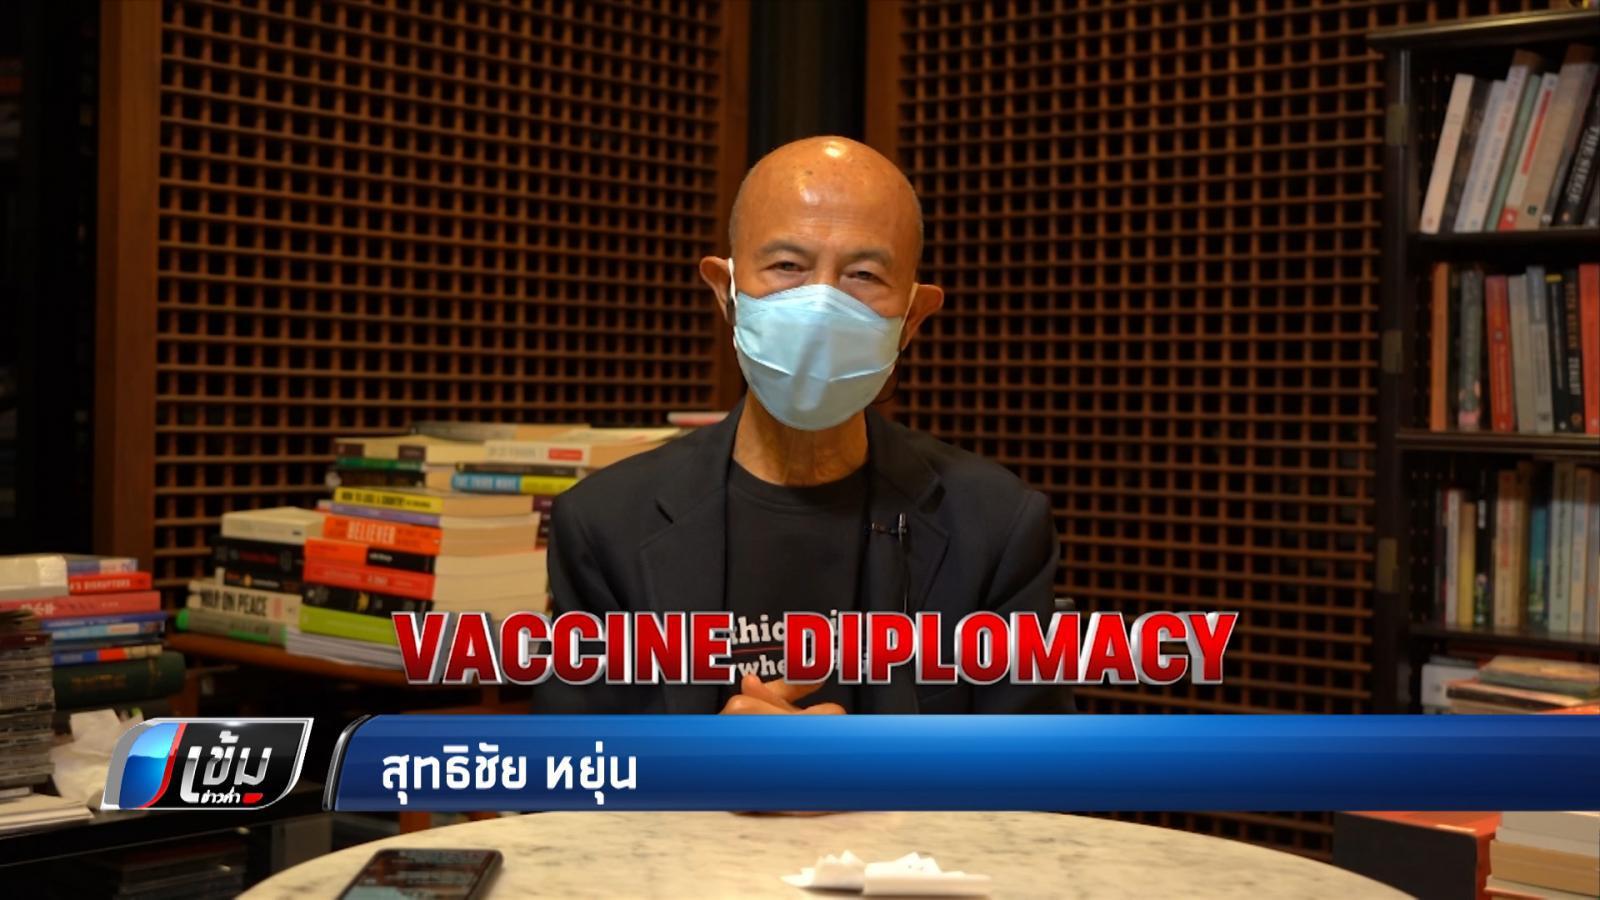 สุทธิชัย หยุ่น : การทูตวัคซีน มะกัน VS จีน